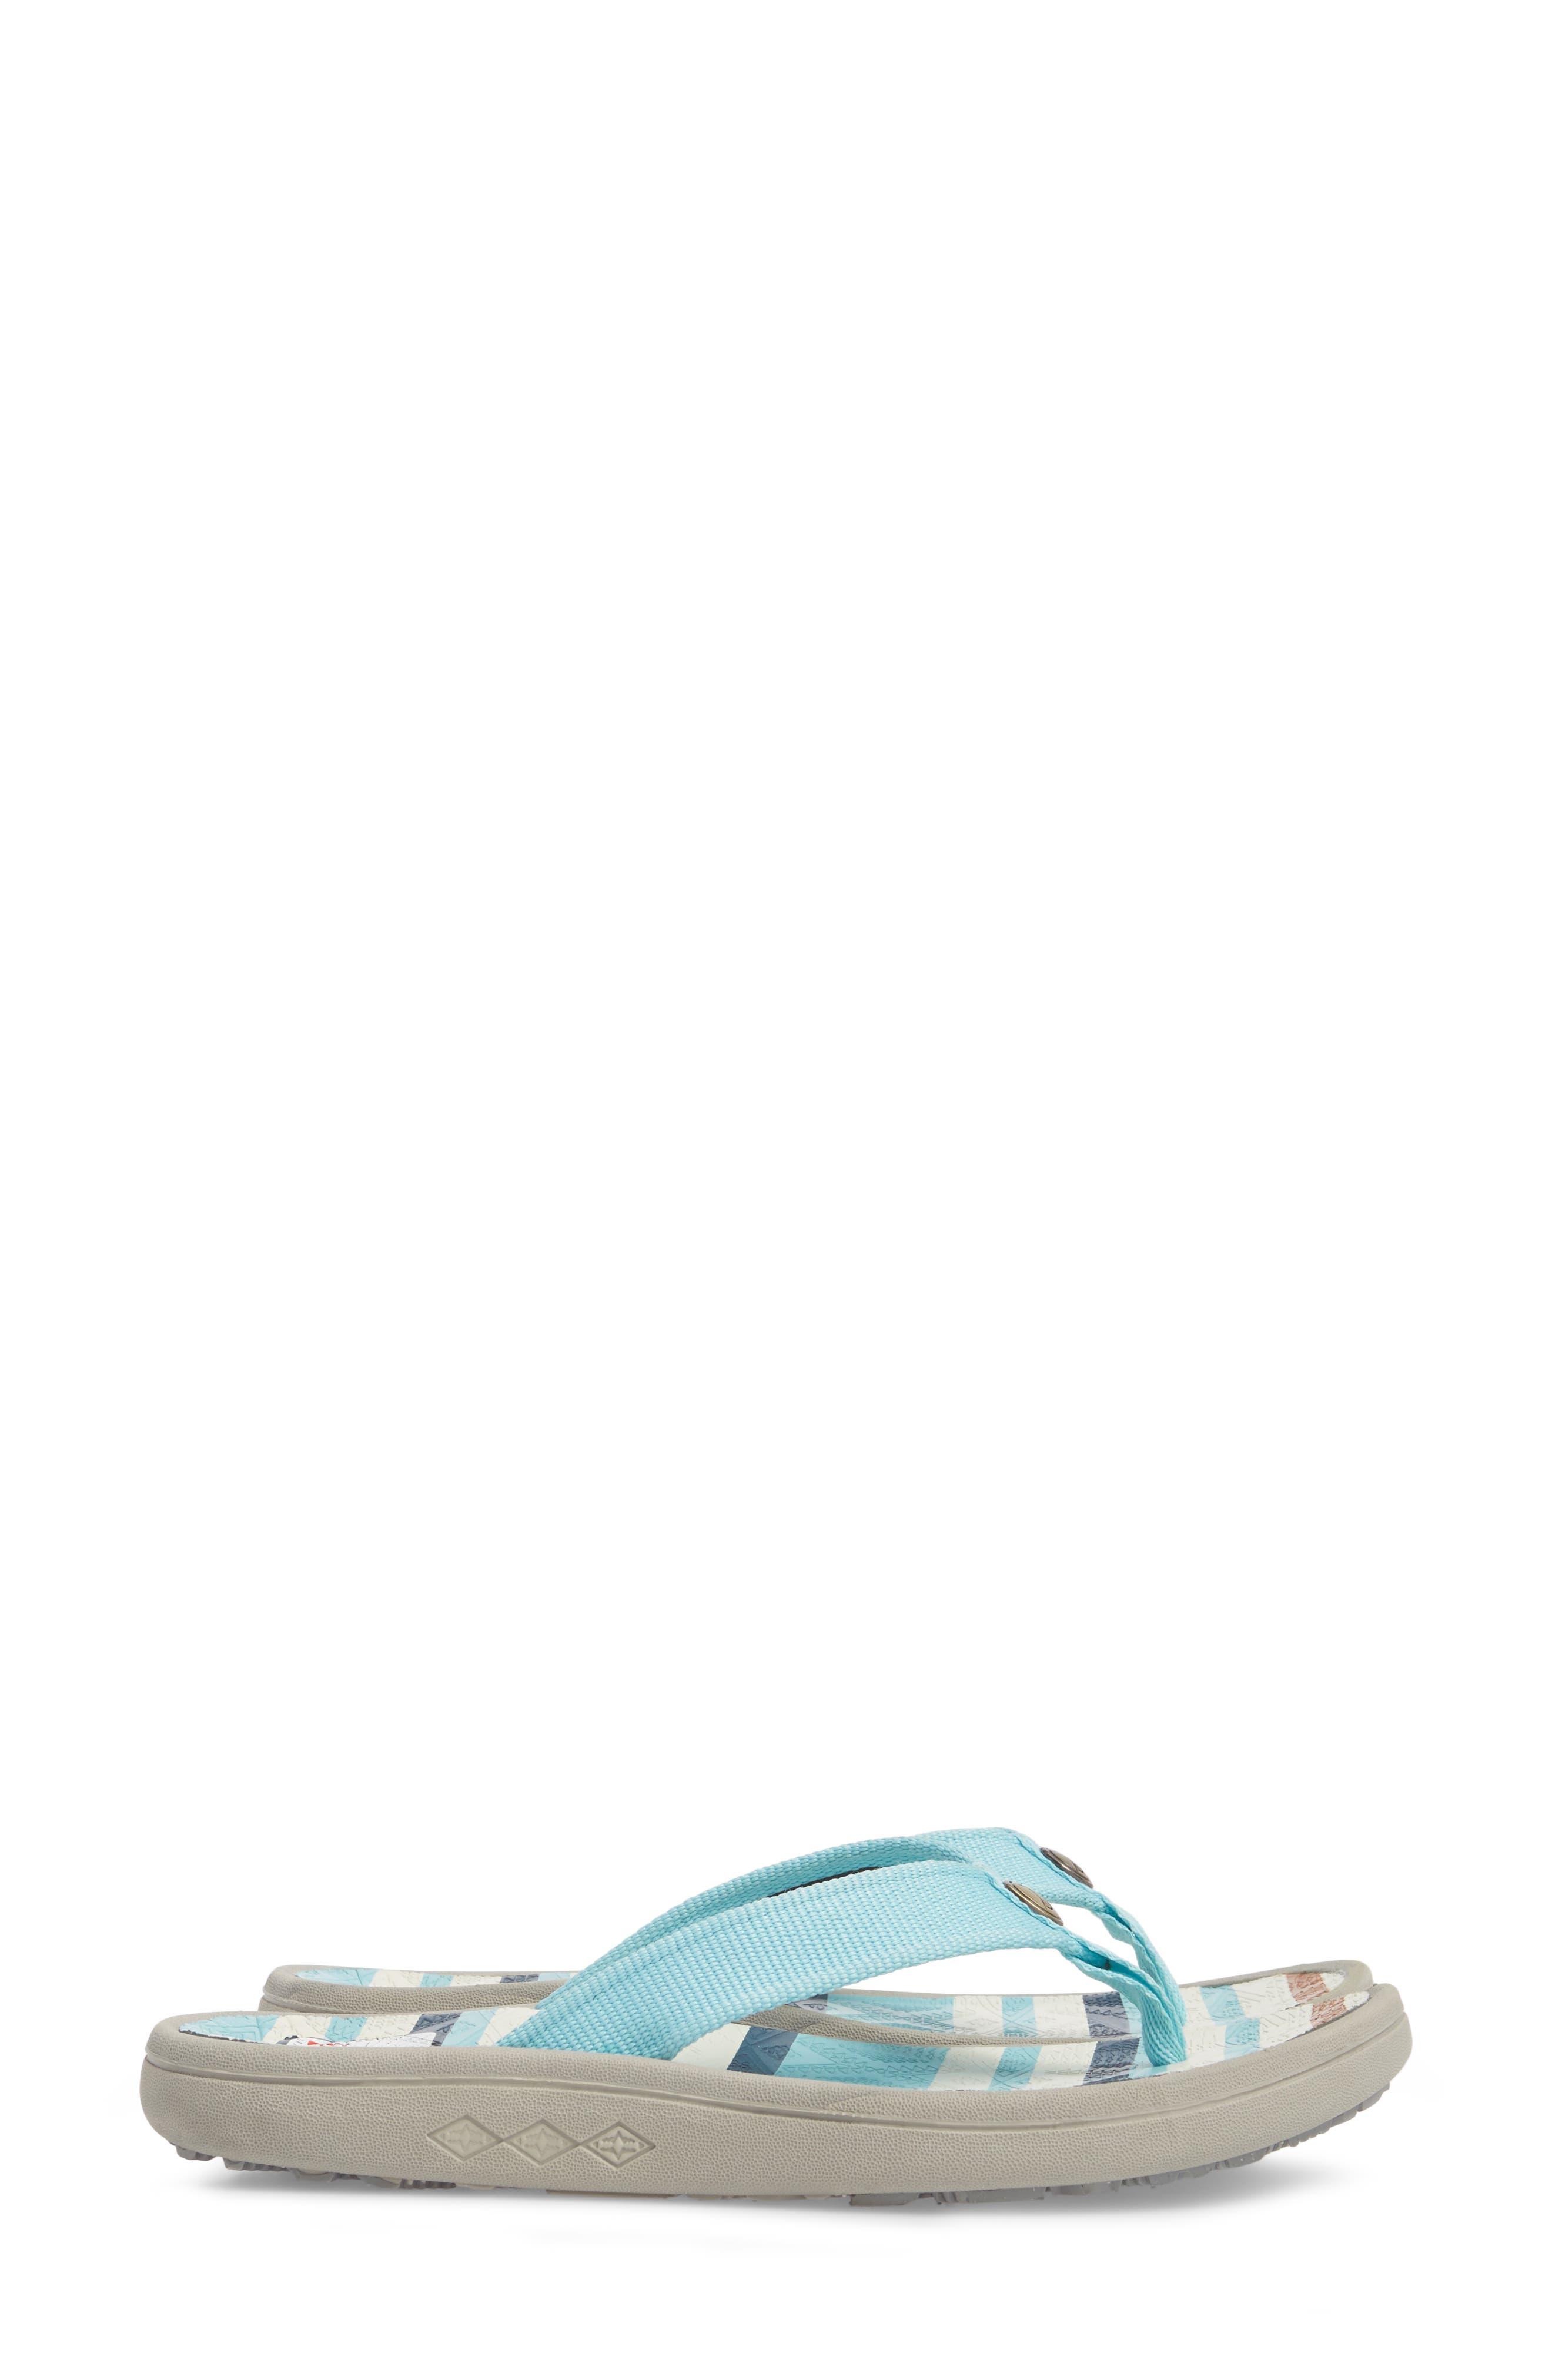 Pendleton Surf Stripe Flip Flop,                             Alternate thumbnail 3, color,                             Aqua